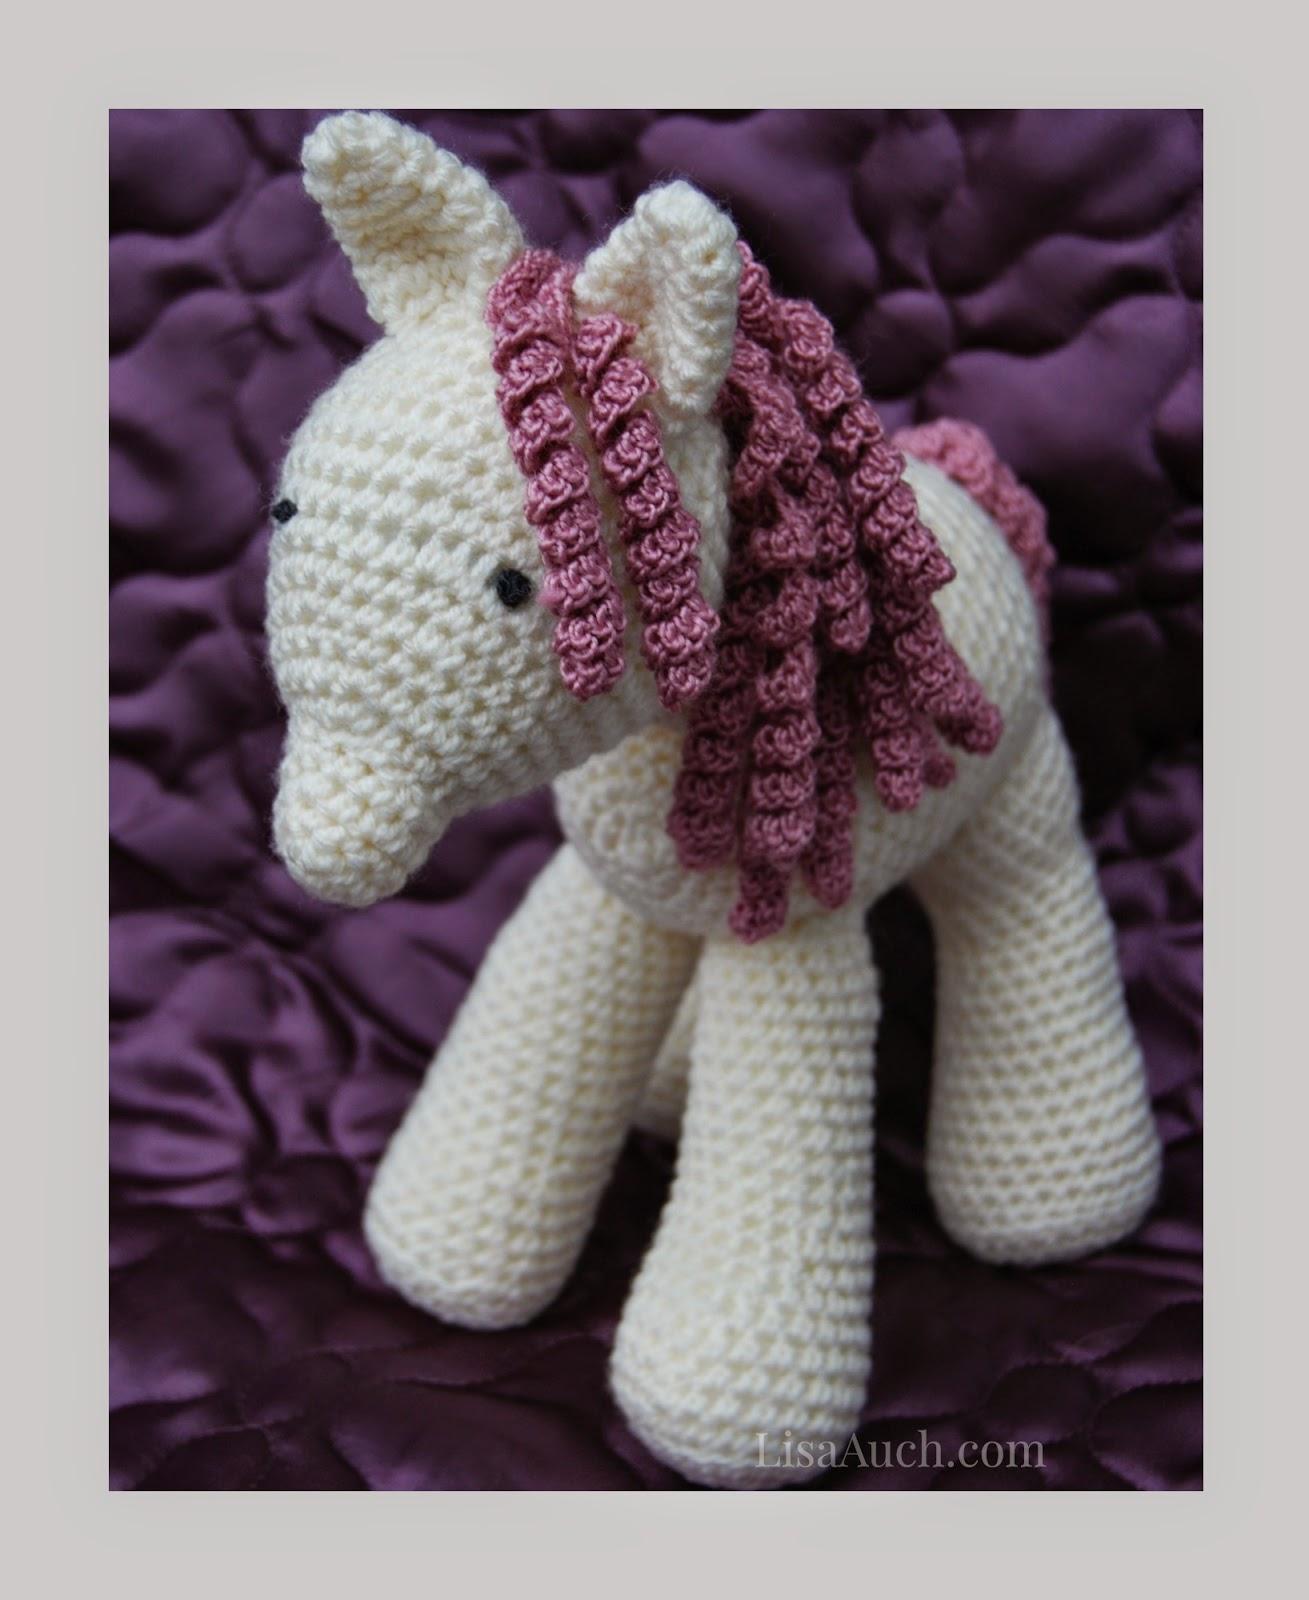 Free Crochet Horse Pattern - Crochet a My Little Pony | Free Crochet ...